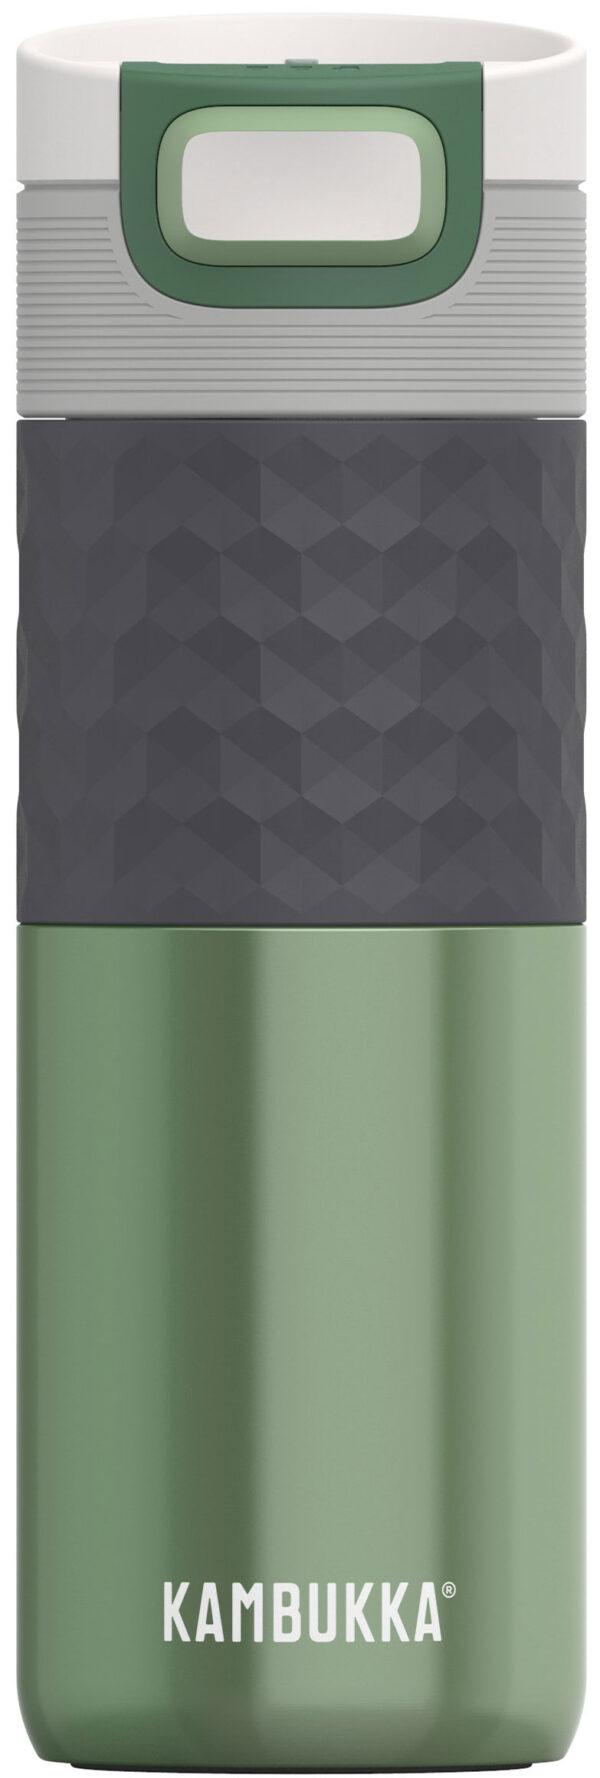 """בקבוק שתיה תרמי ירוק 500 מ""""ל Sea Green קמבוקה Kambukka Etna Grip"""